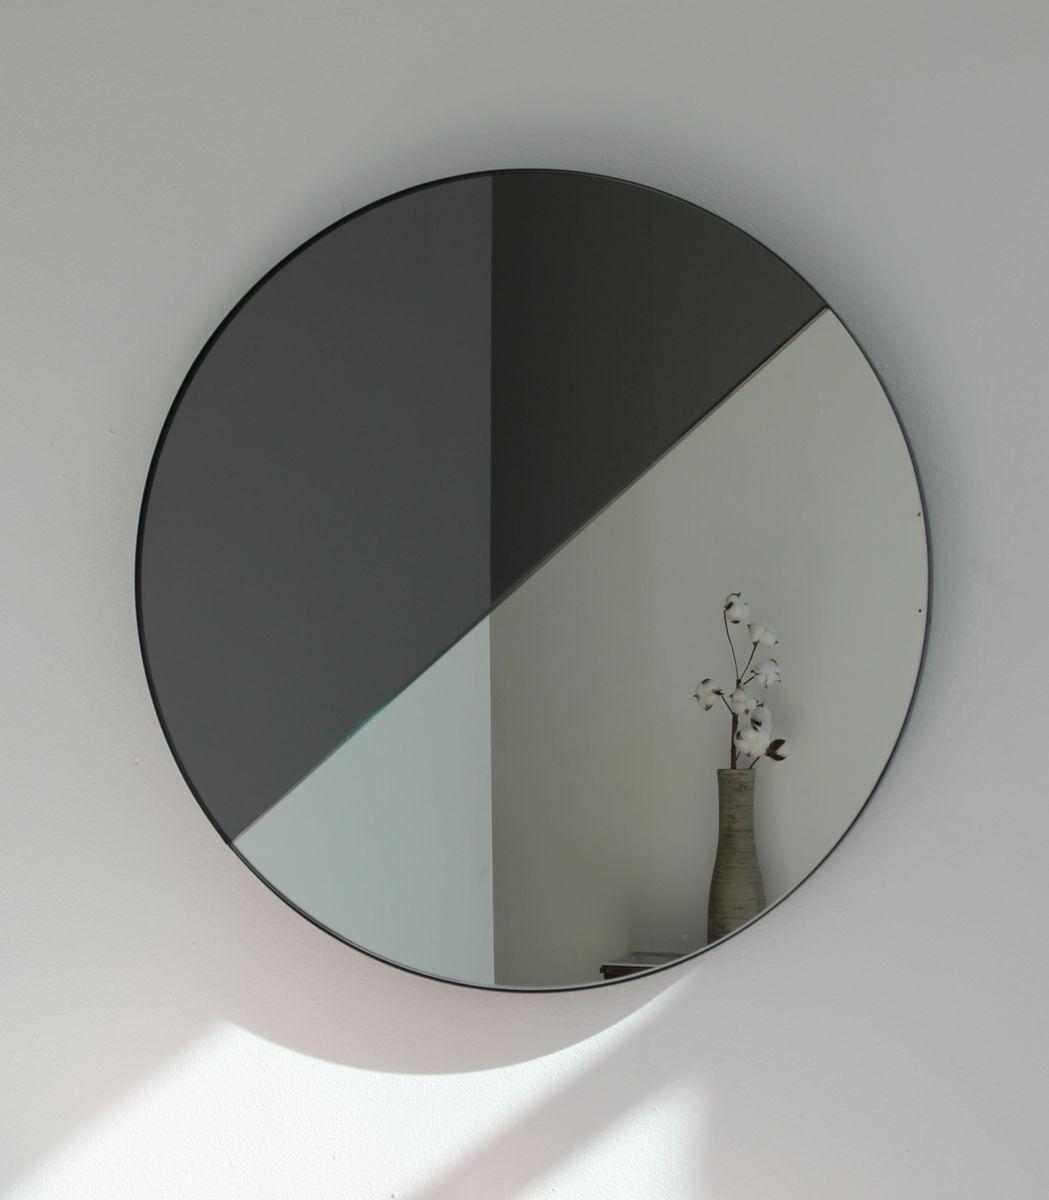 Grand miroir mixte dualis orbis rond avec cadre teint noir par alguacil perkoff ltd 2019 en for Miroir teinte design